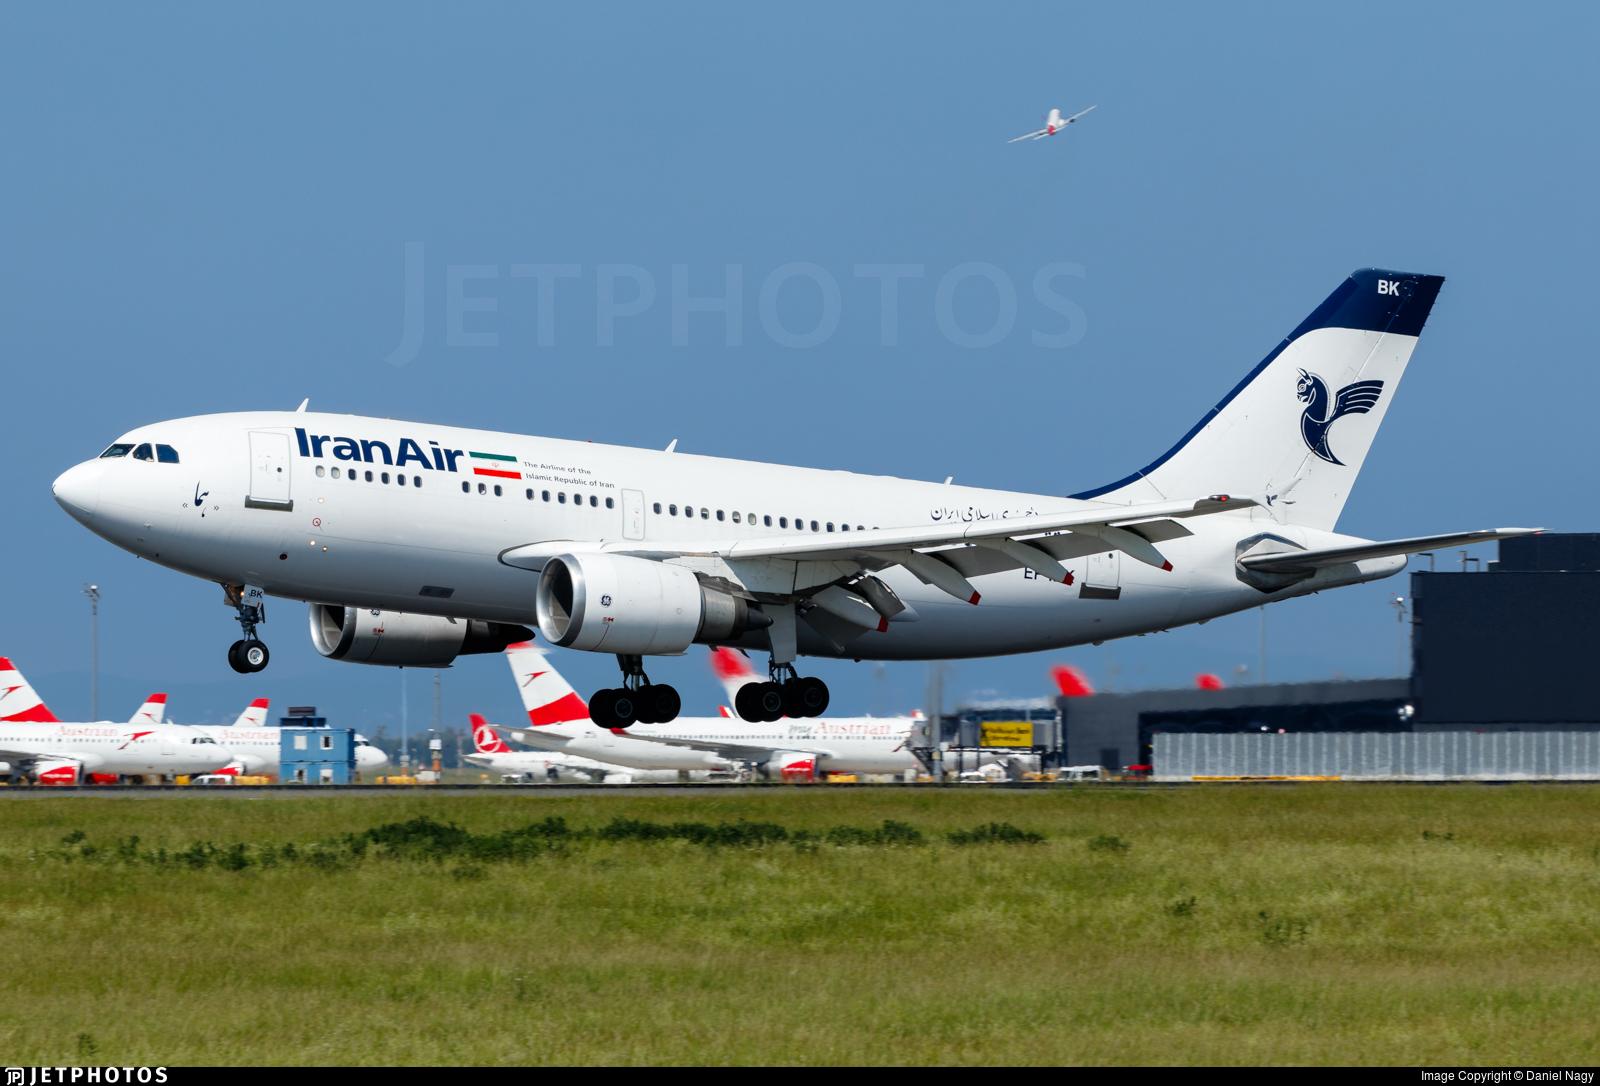 EP-IBK - Airbus A310-304 - Iran Air